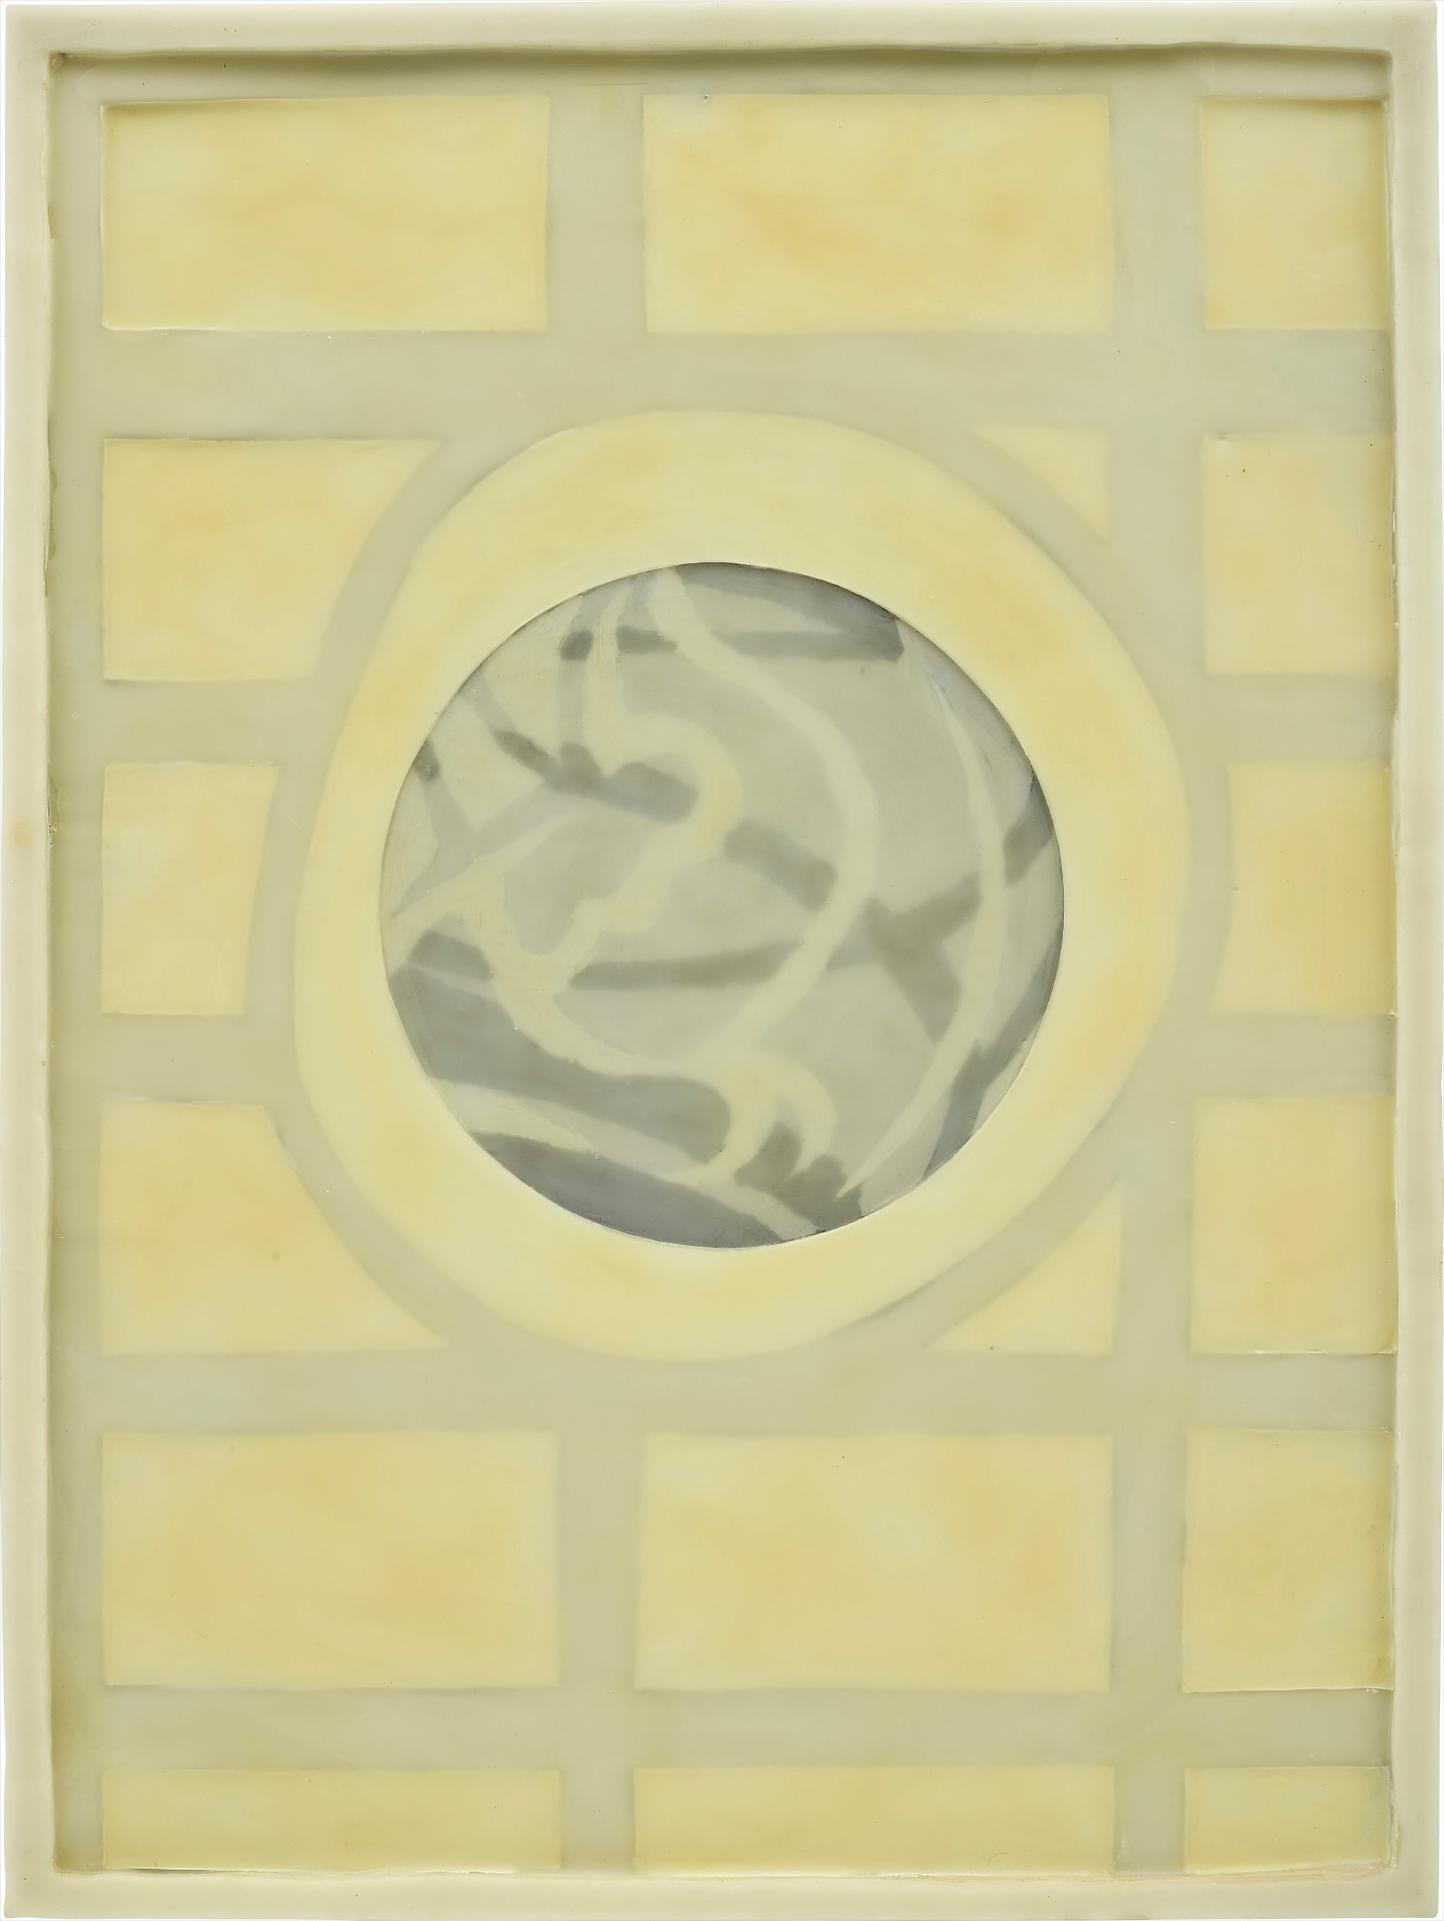 Domenico Bianchi-Untitled-1996